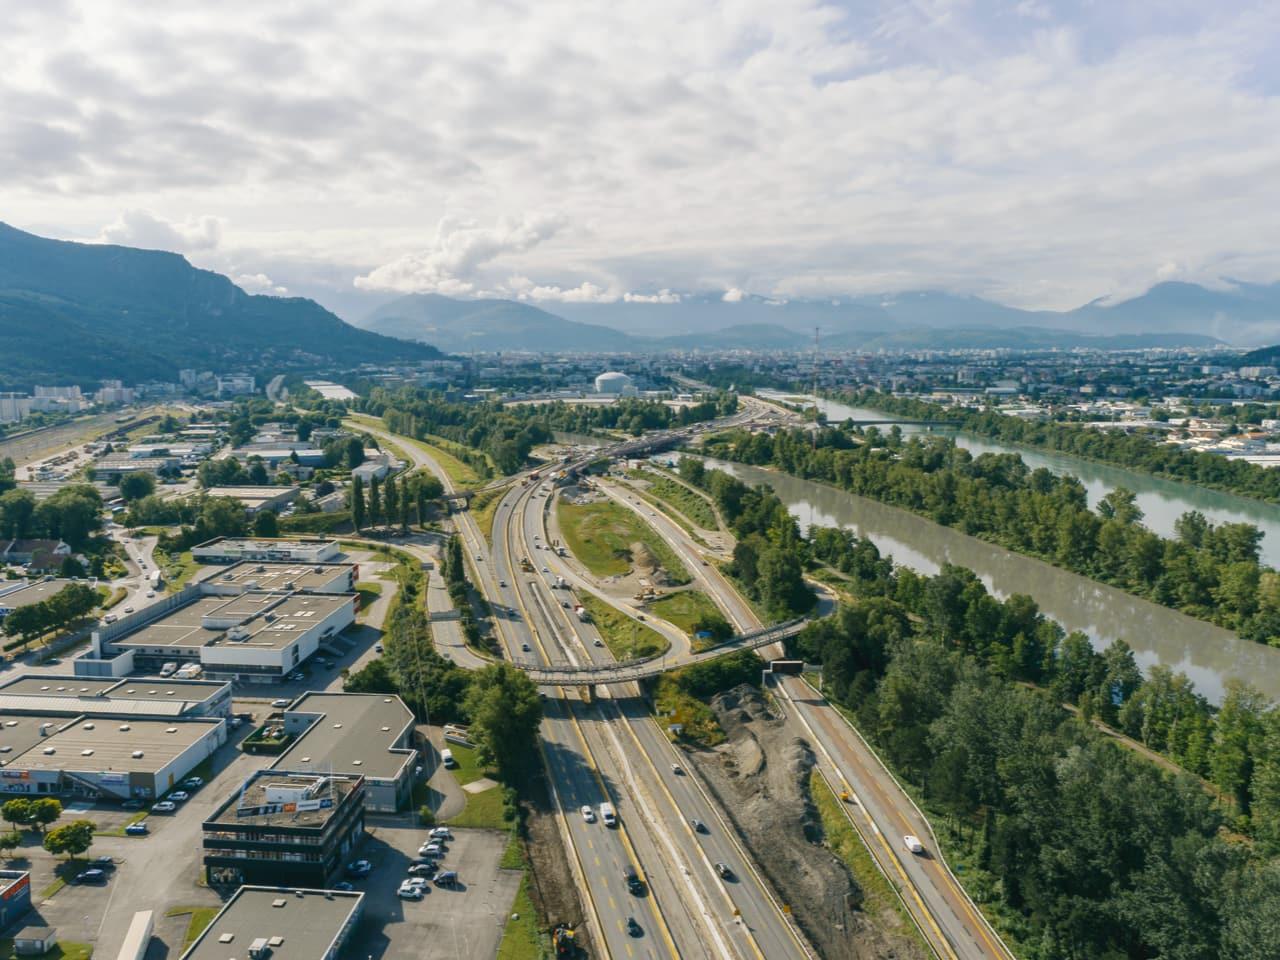 autoroute A480 durant les travaux de réaménagement de cet axe autoroutier urbain